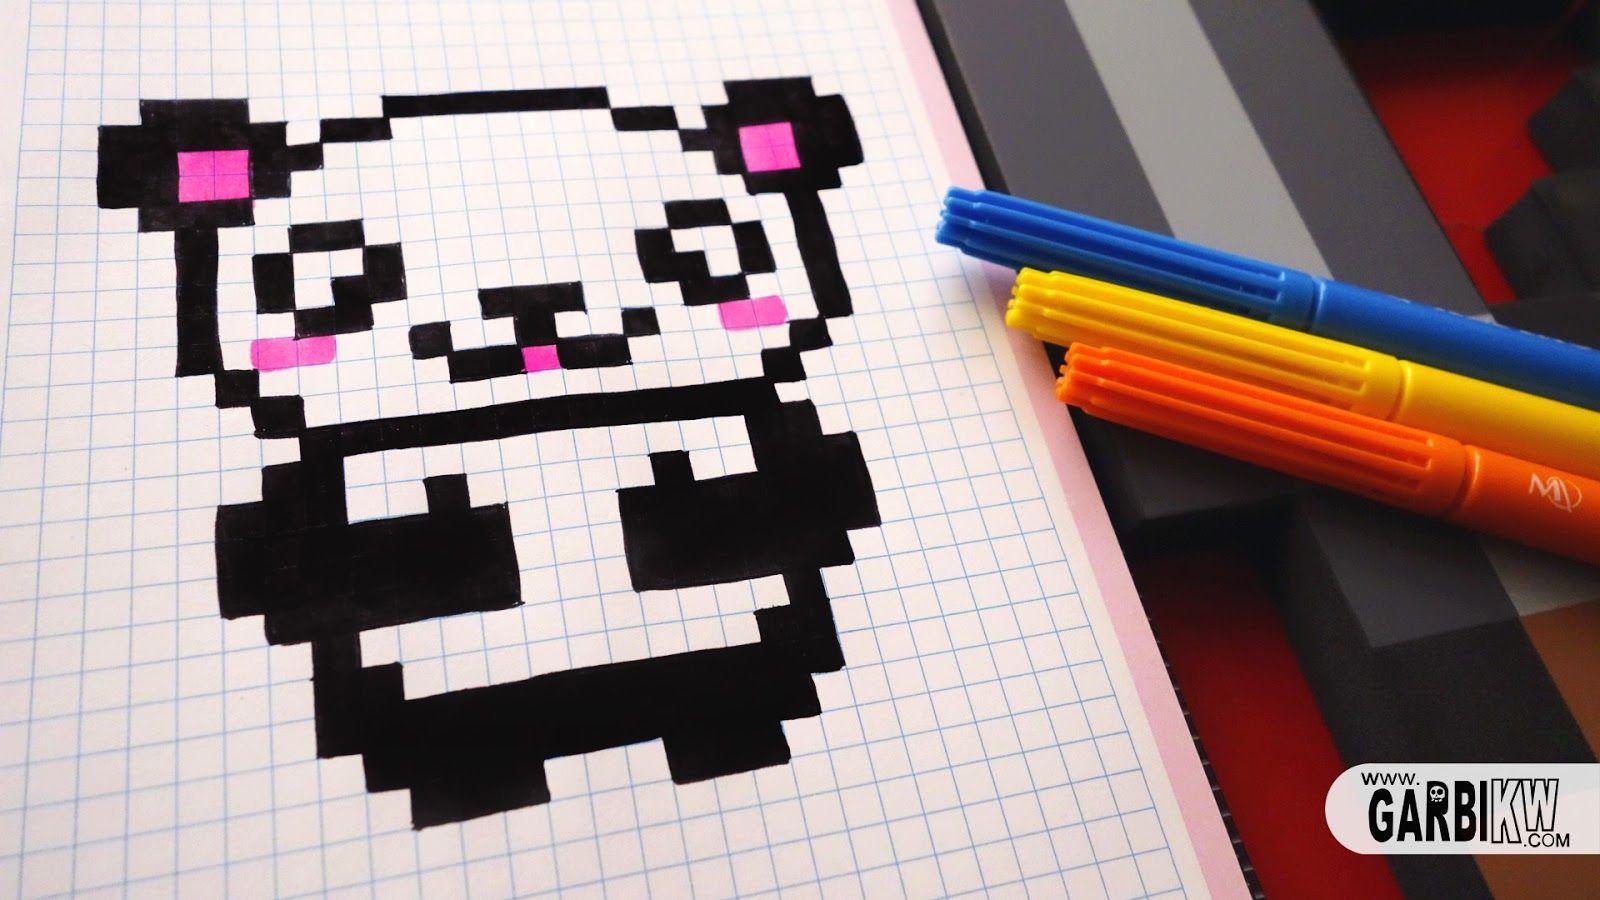 images?q=tbn:ANd9GcQh_l3eQ5xwiPy07kGEXjmjgmBKBRB7H2mRxCGhv1tFWg5c_mWT Pixel Art Drawing Ideas @koolgadgetz.com.info